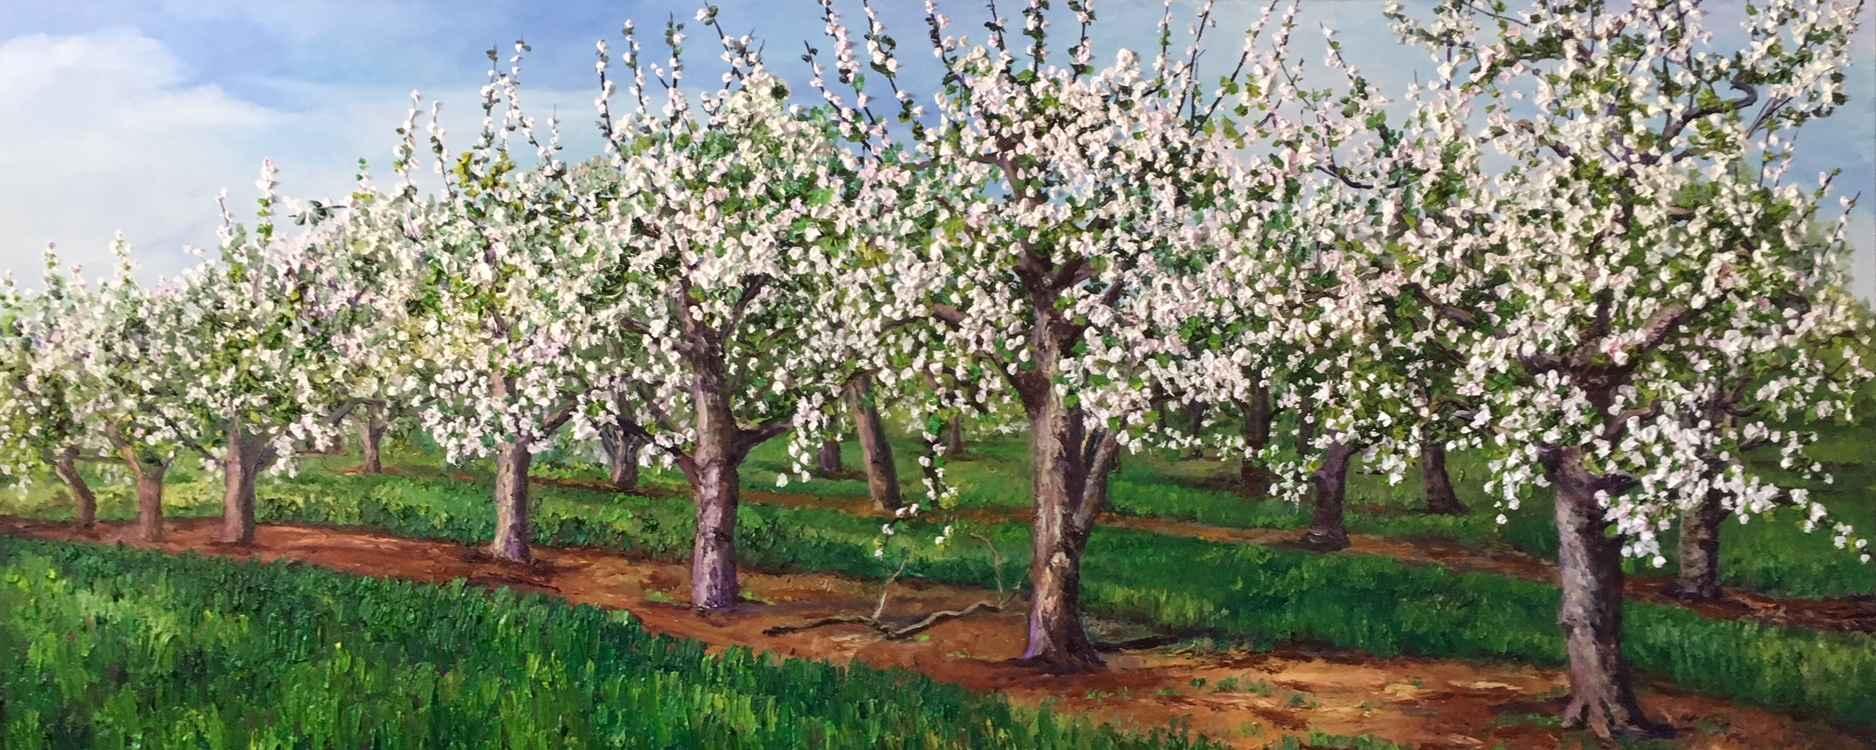 A New Season by Ms Debra Lynn Carroll - Masterpiece Online